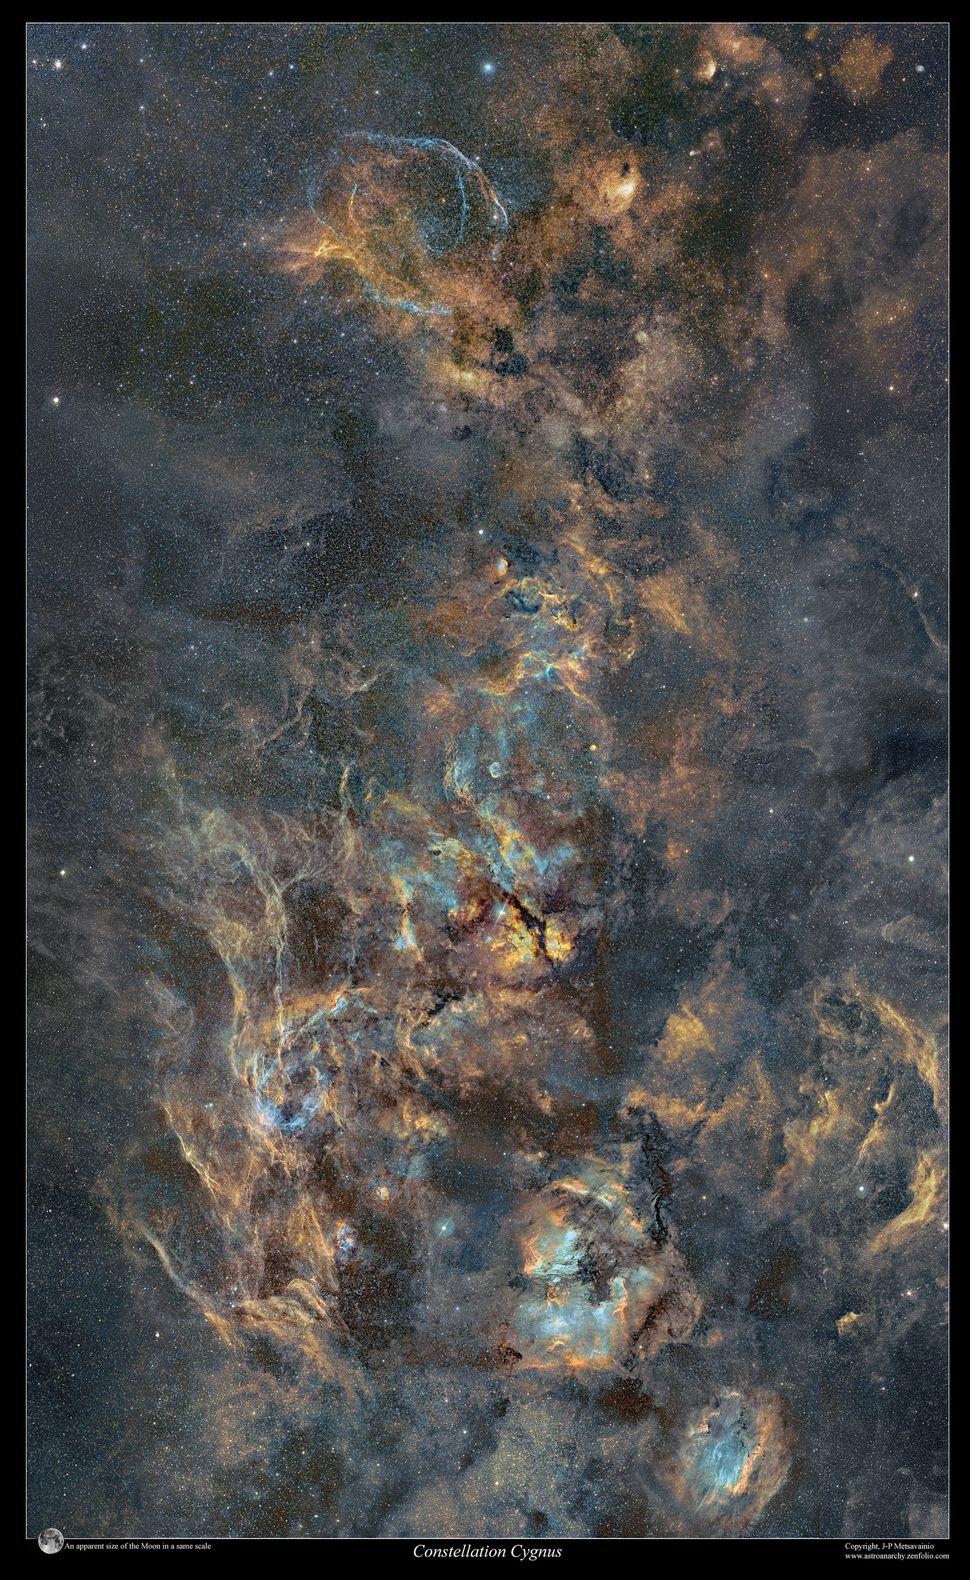 모자이크 사진 오른쪽 끝부분의 백조자리의 별들. 2010~2020년 총 400시간에 걸쳐 찍은 것으로 500만개의 별이 담겨 있다고 한다.